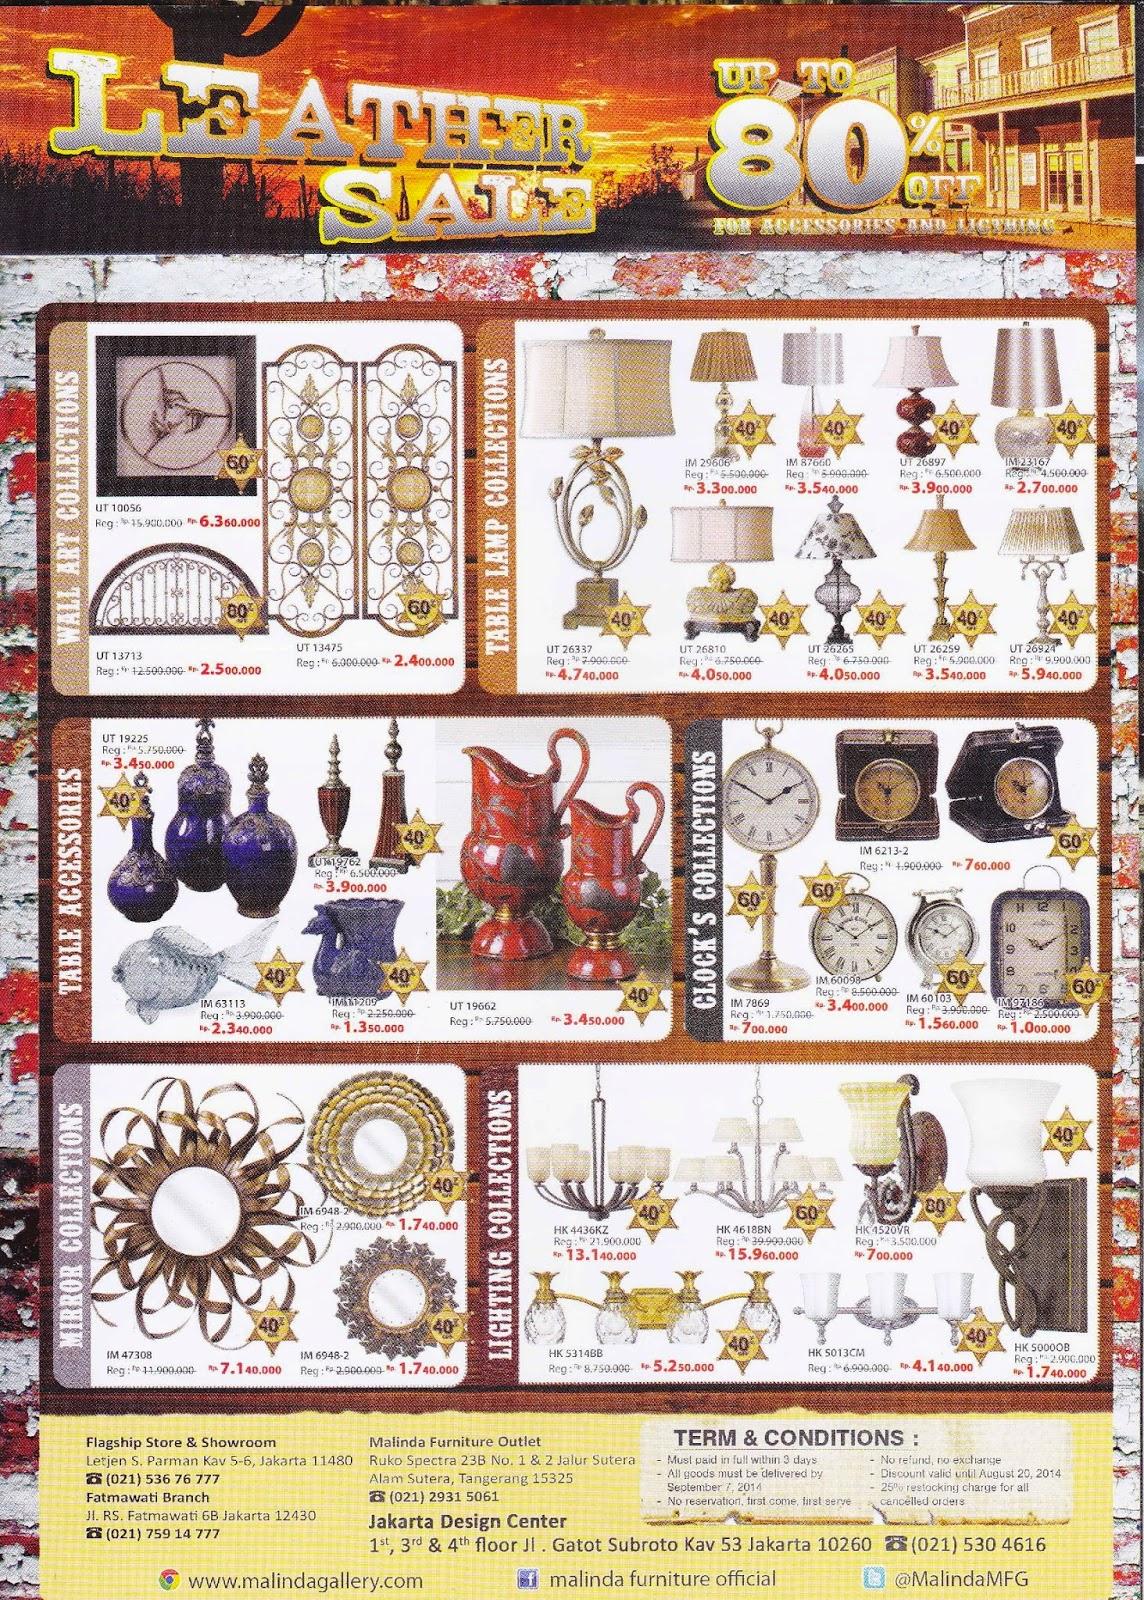 Malinda Furniture Galery Jasa Sebar Brosur